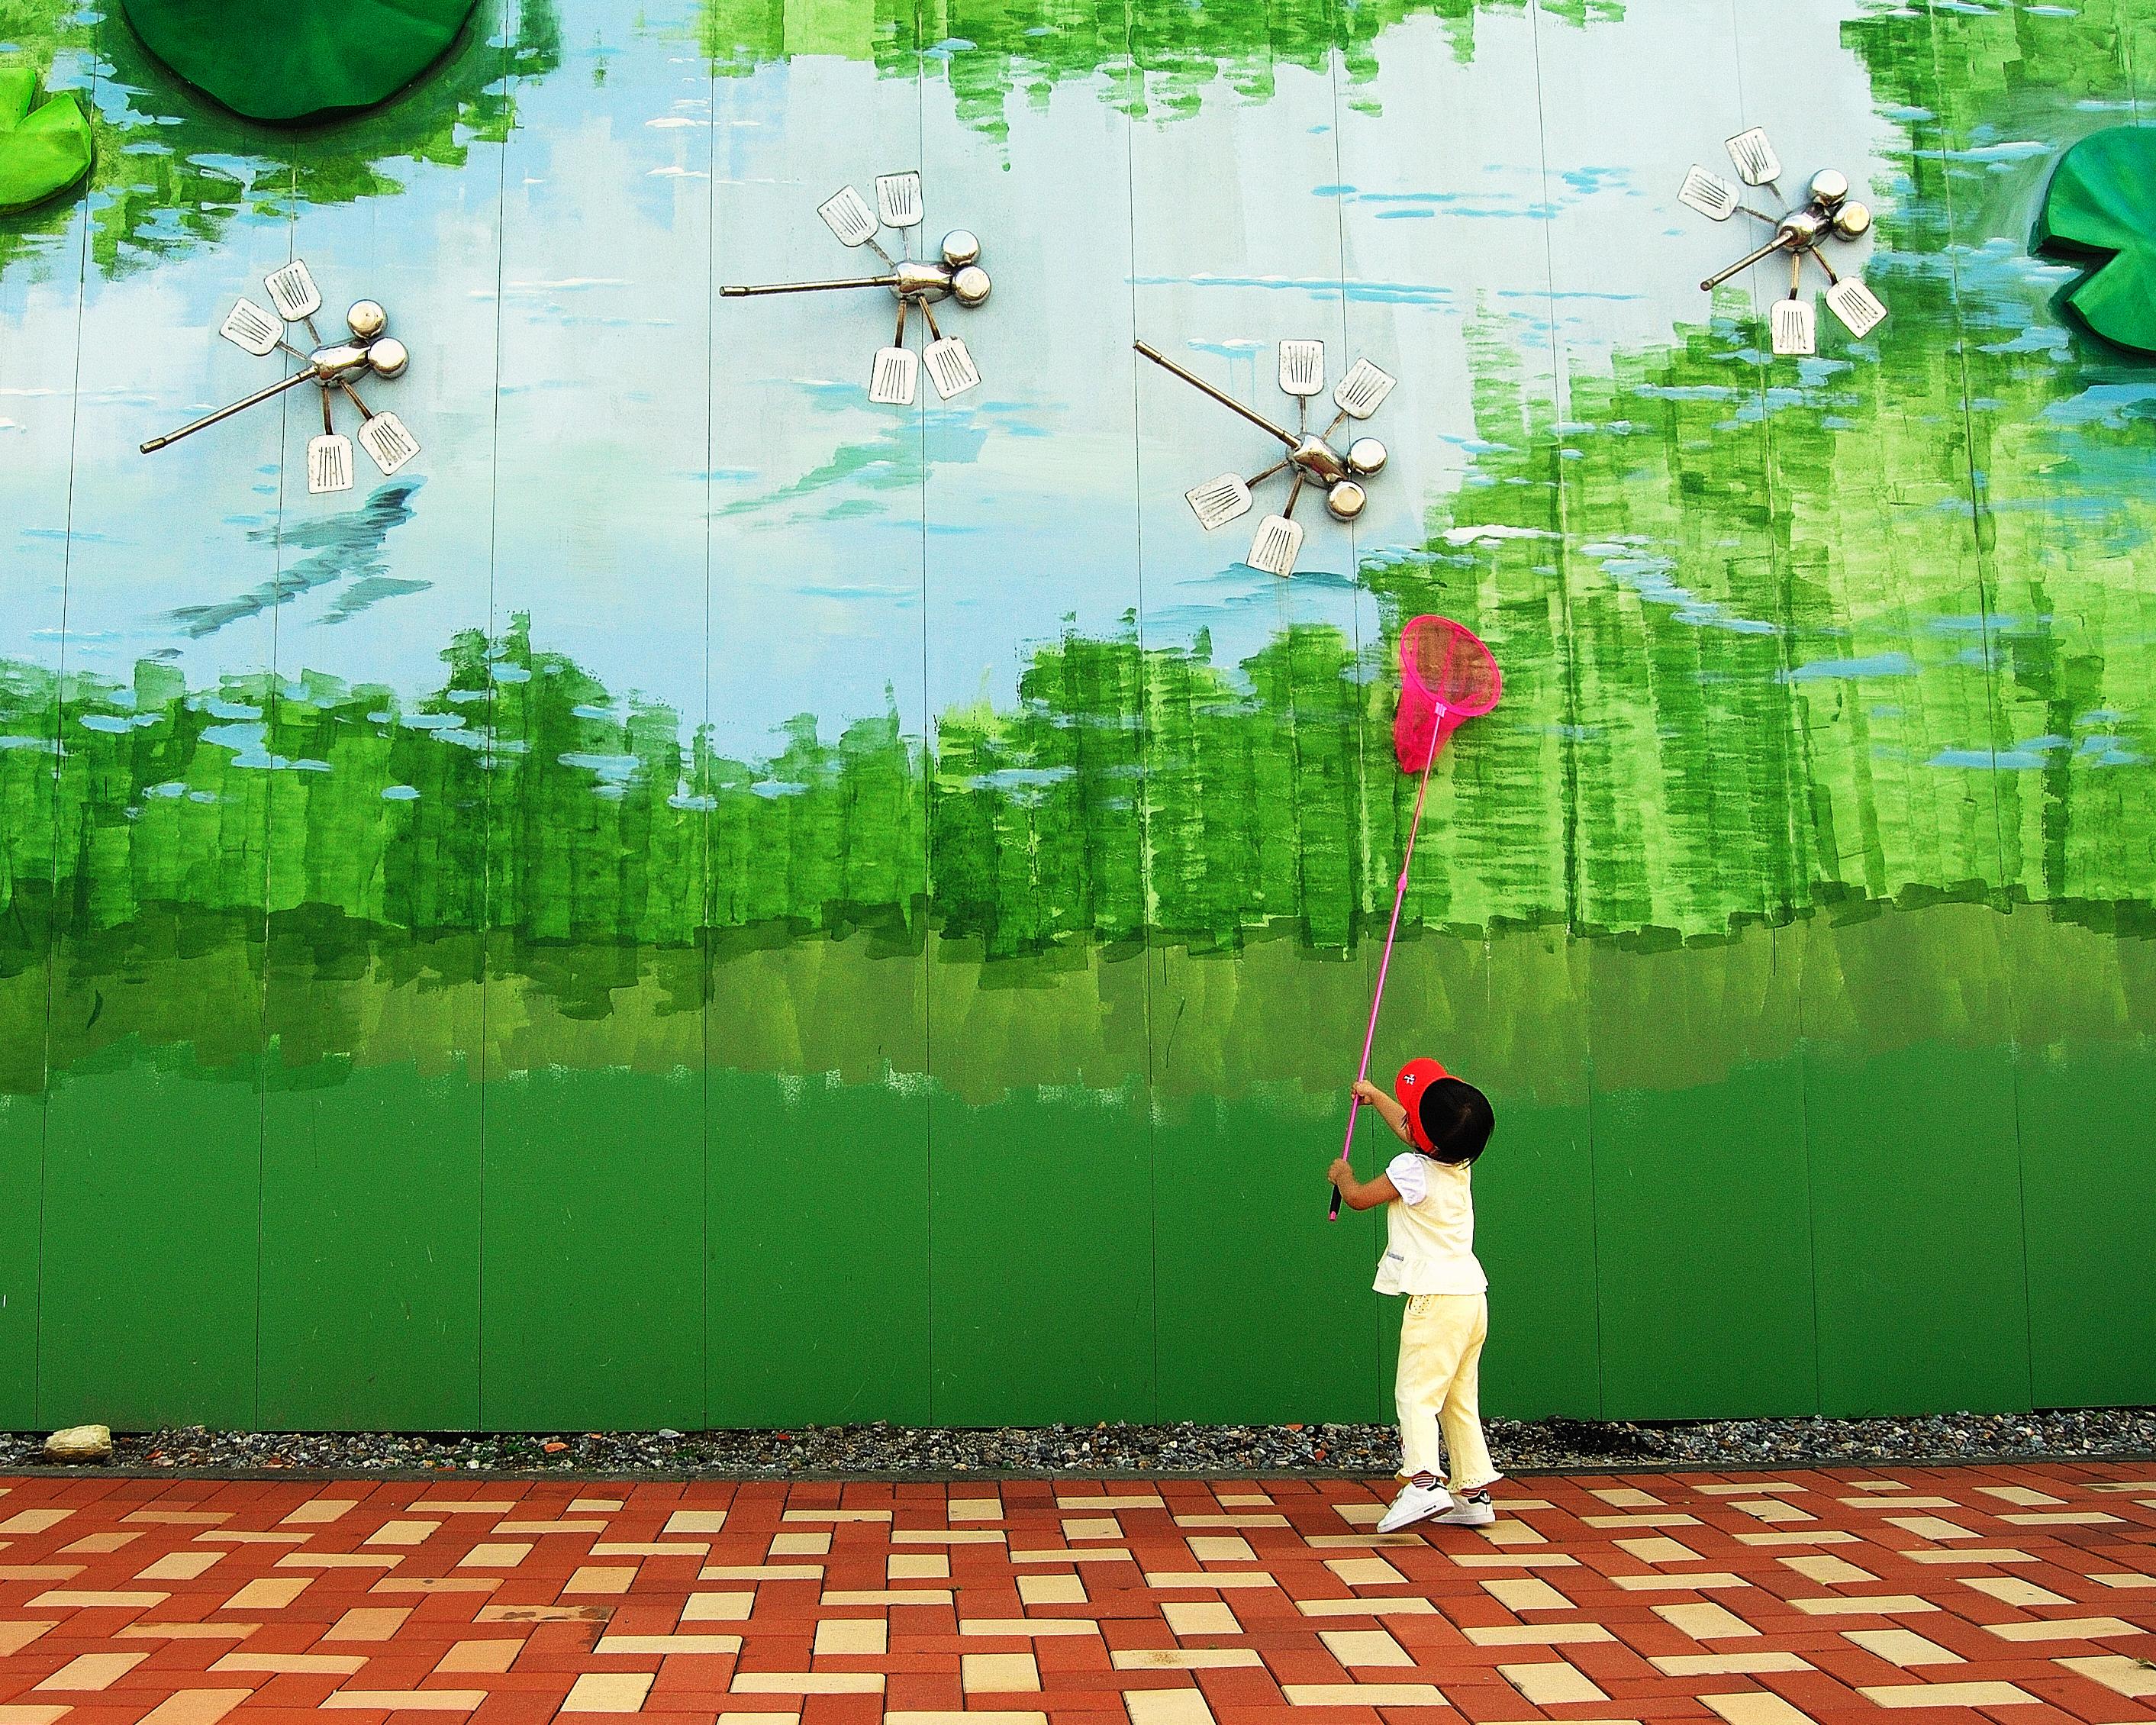 어린아이가 잠자리 채로 철로 만든 잠자리를 잡는 장면을 재미있게 표현한 작품